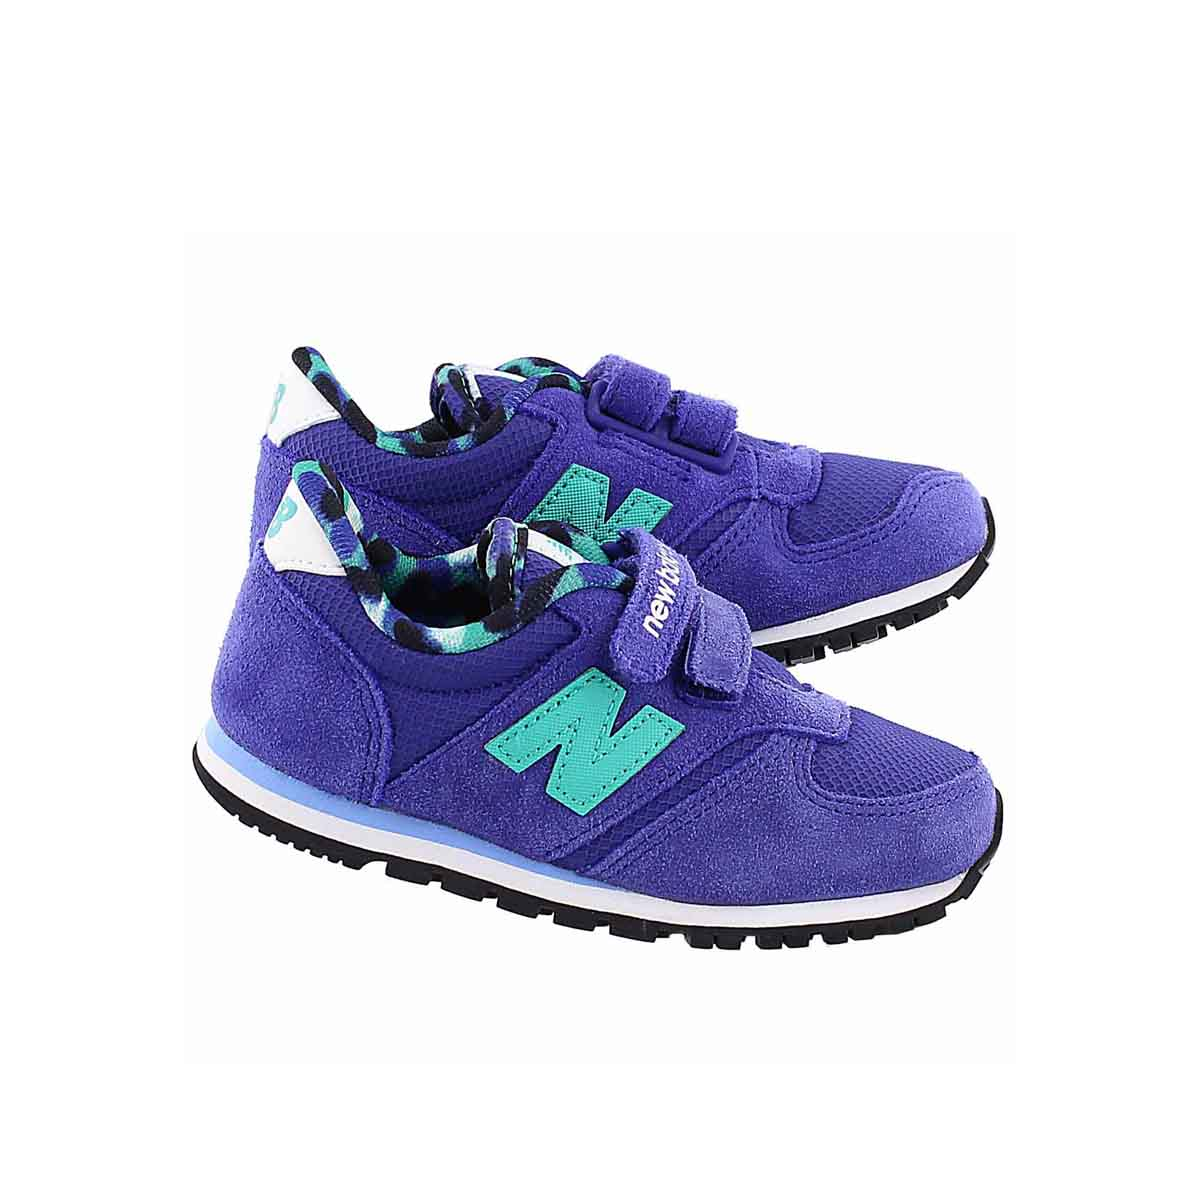 Infs 420 purple/teal hook & loop sneaker